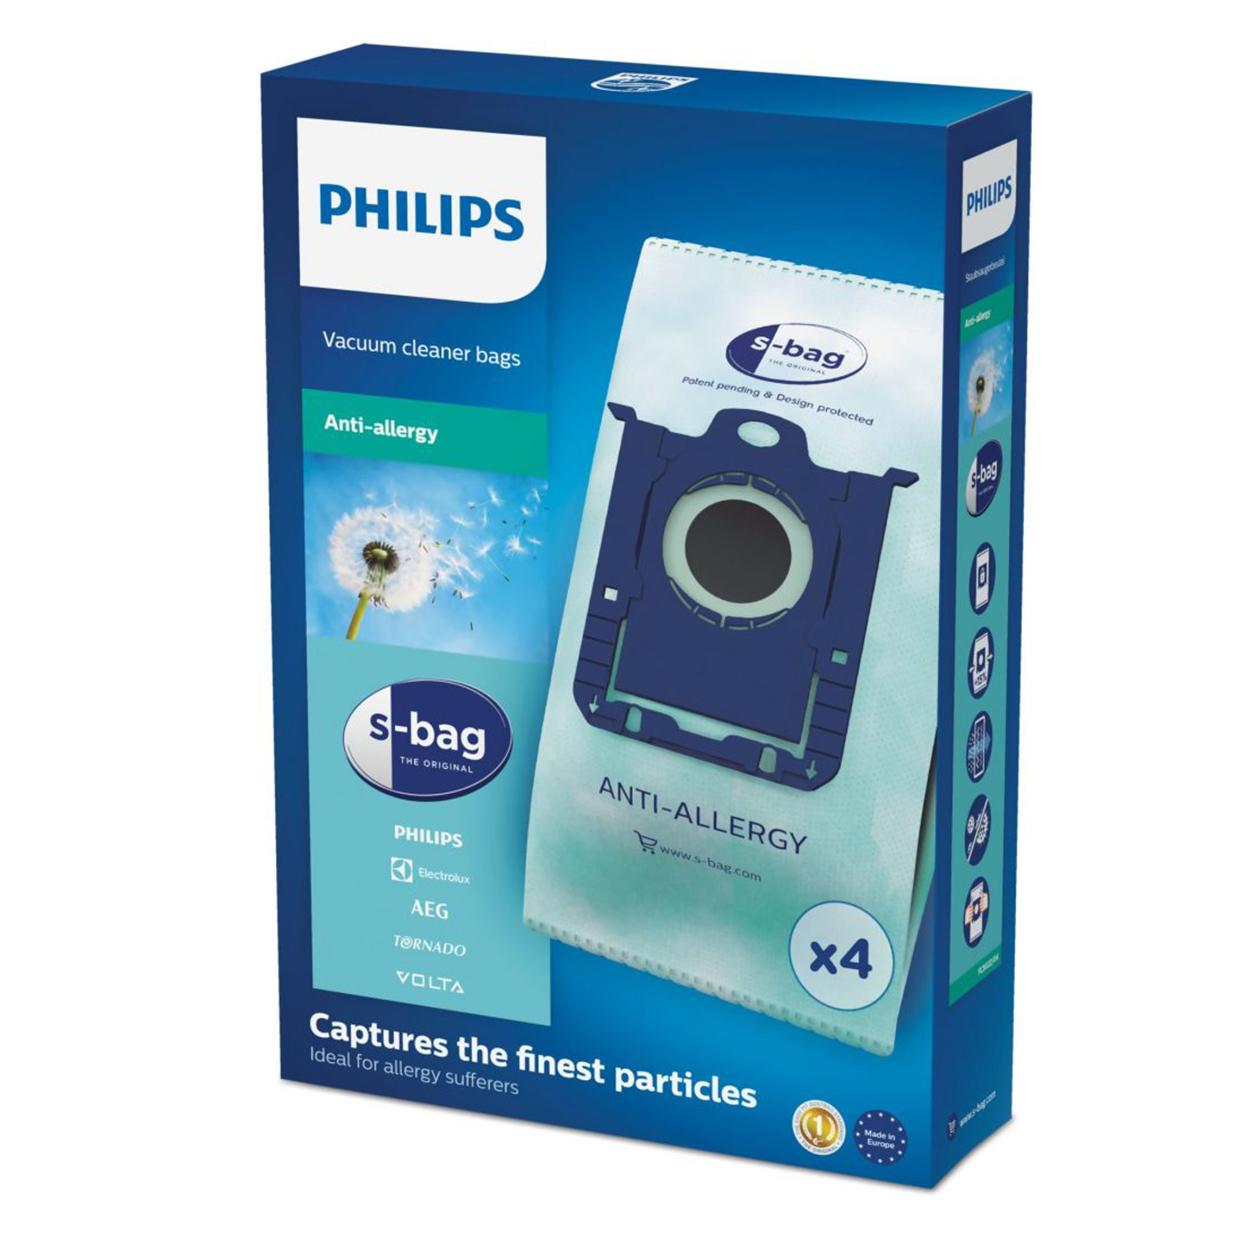 Pirkite s-bag Dulkių siurblių maišelius FC8022/04 elektroninėje | Philips parduotuvėje